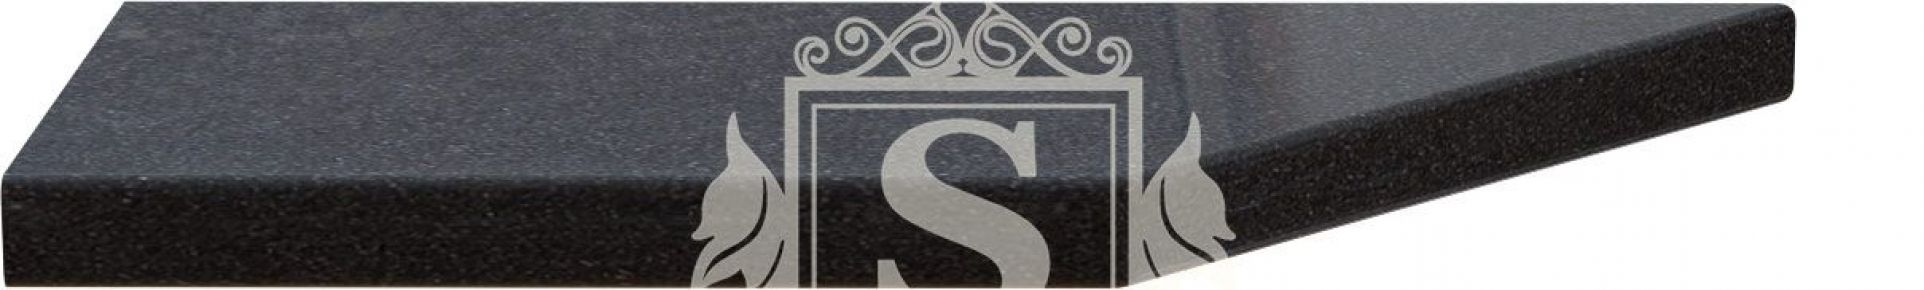 Фото Столешница угловая «Керамика черная» 180 см | 28 мм - sofino.ua